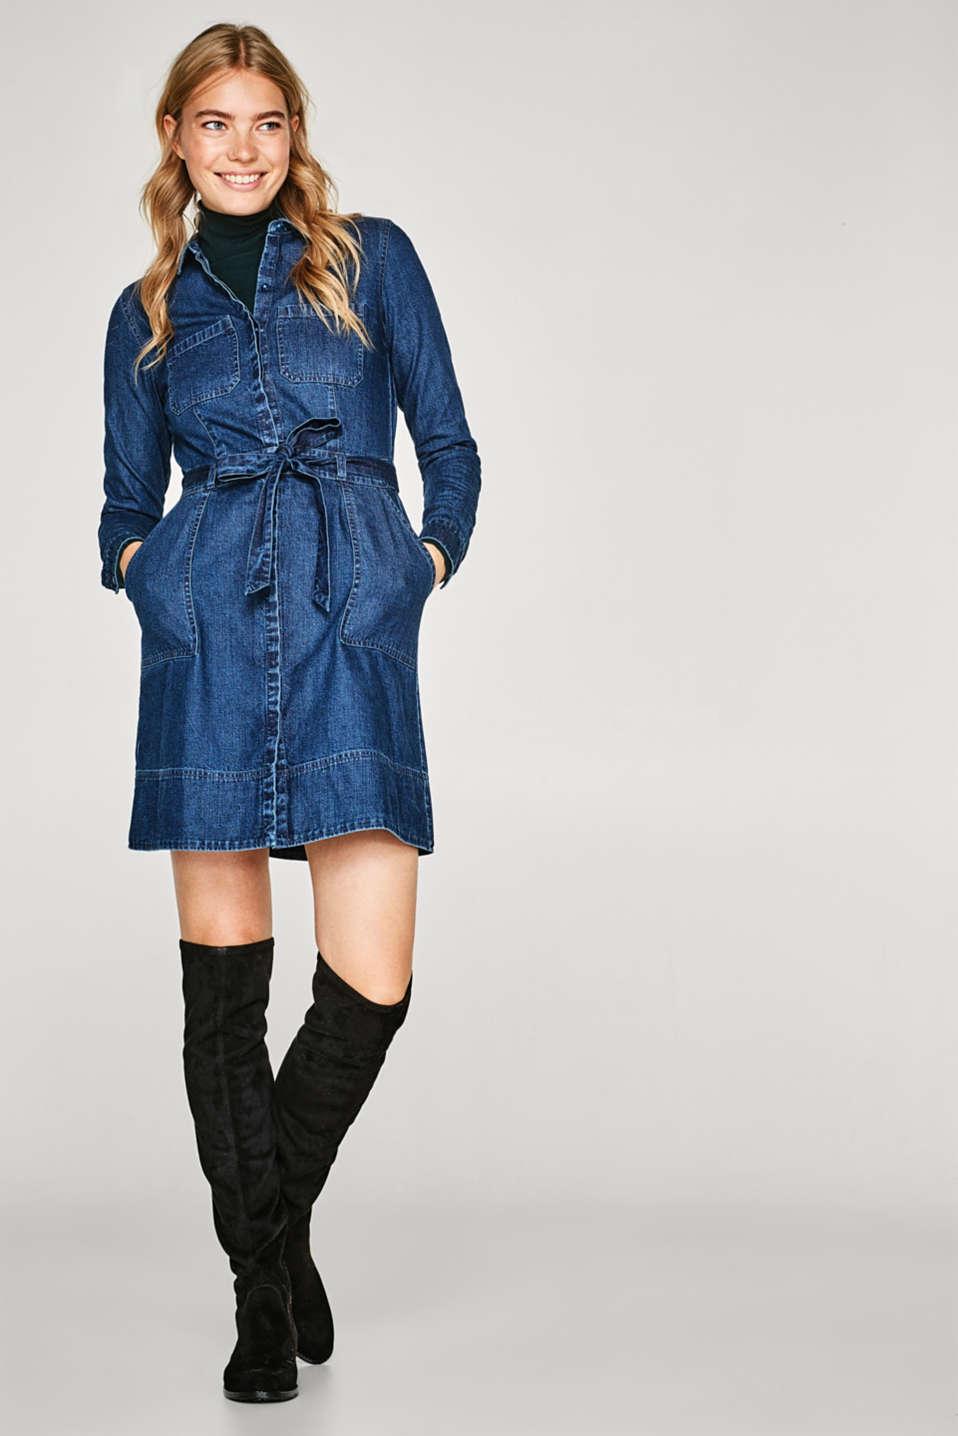 esprit robe chemise en jean 100 coton acheter sur la boutique en ligne. Black Bedroom Furniture Sets. Home Design Ideas